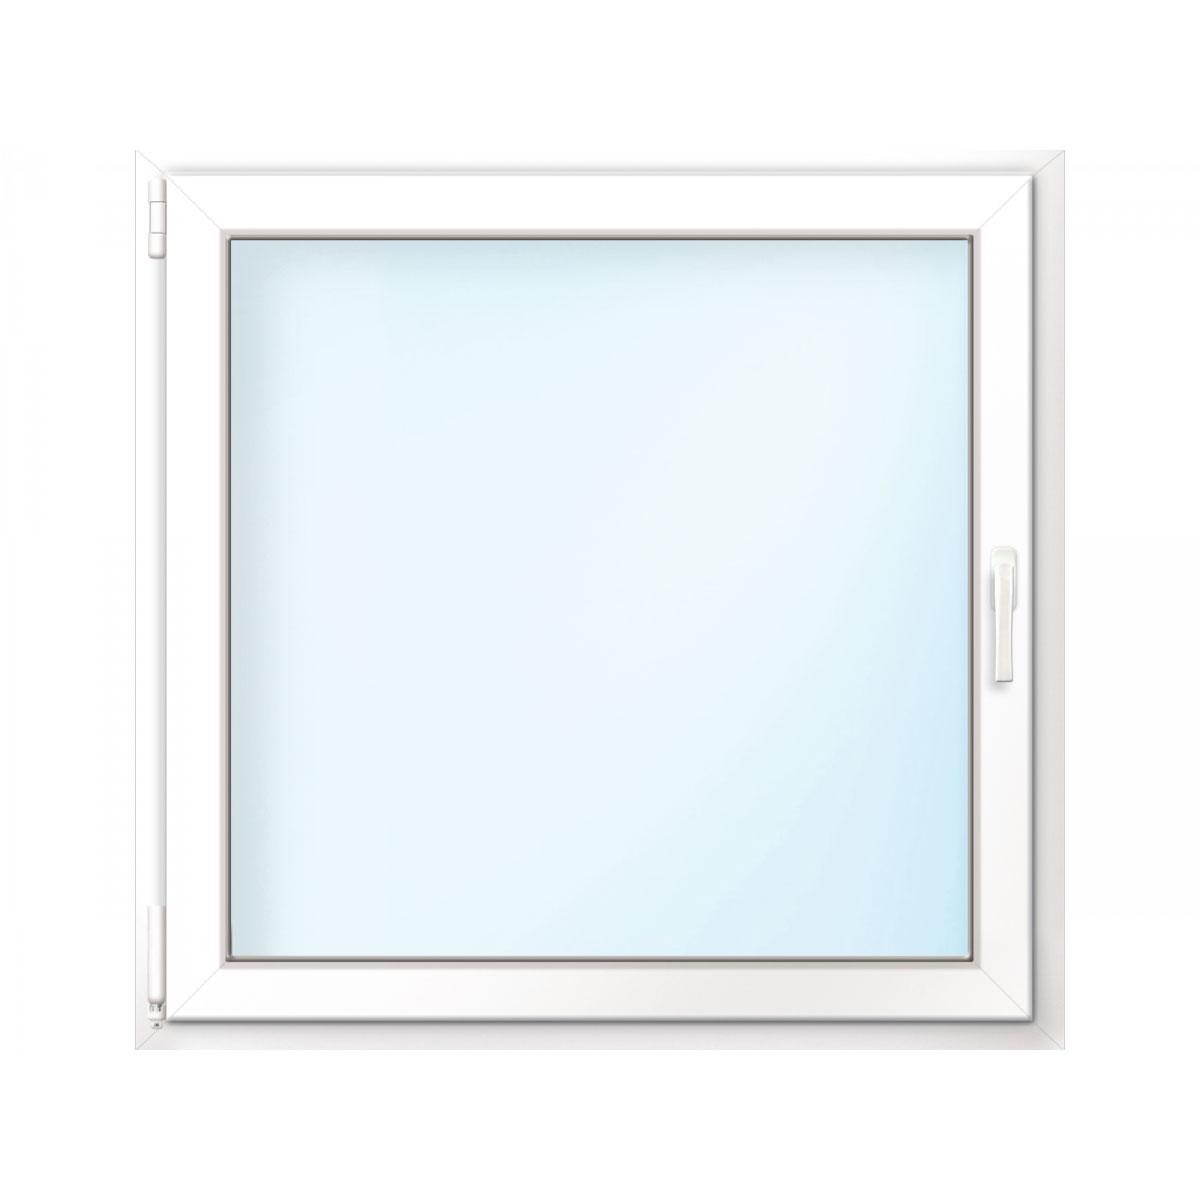 Fenster PVC 70/3 weiß/weiß Anschlag links 100x100 cm